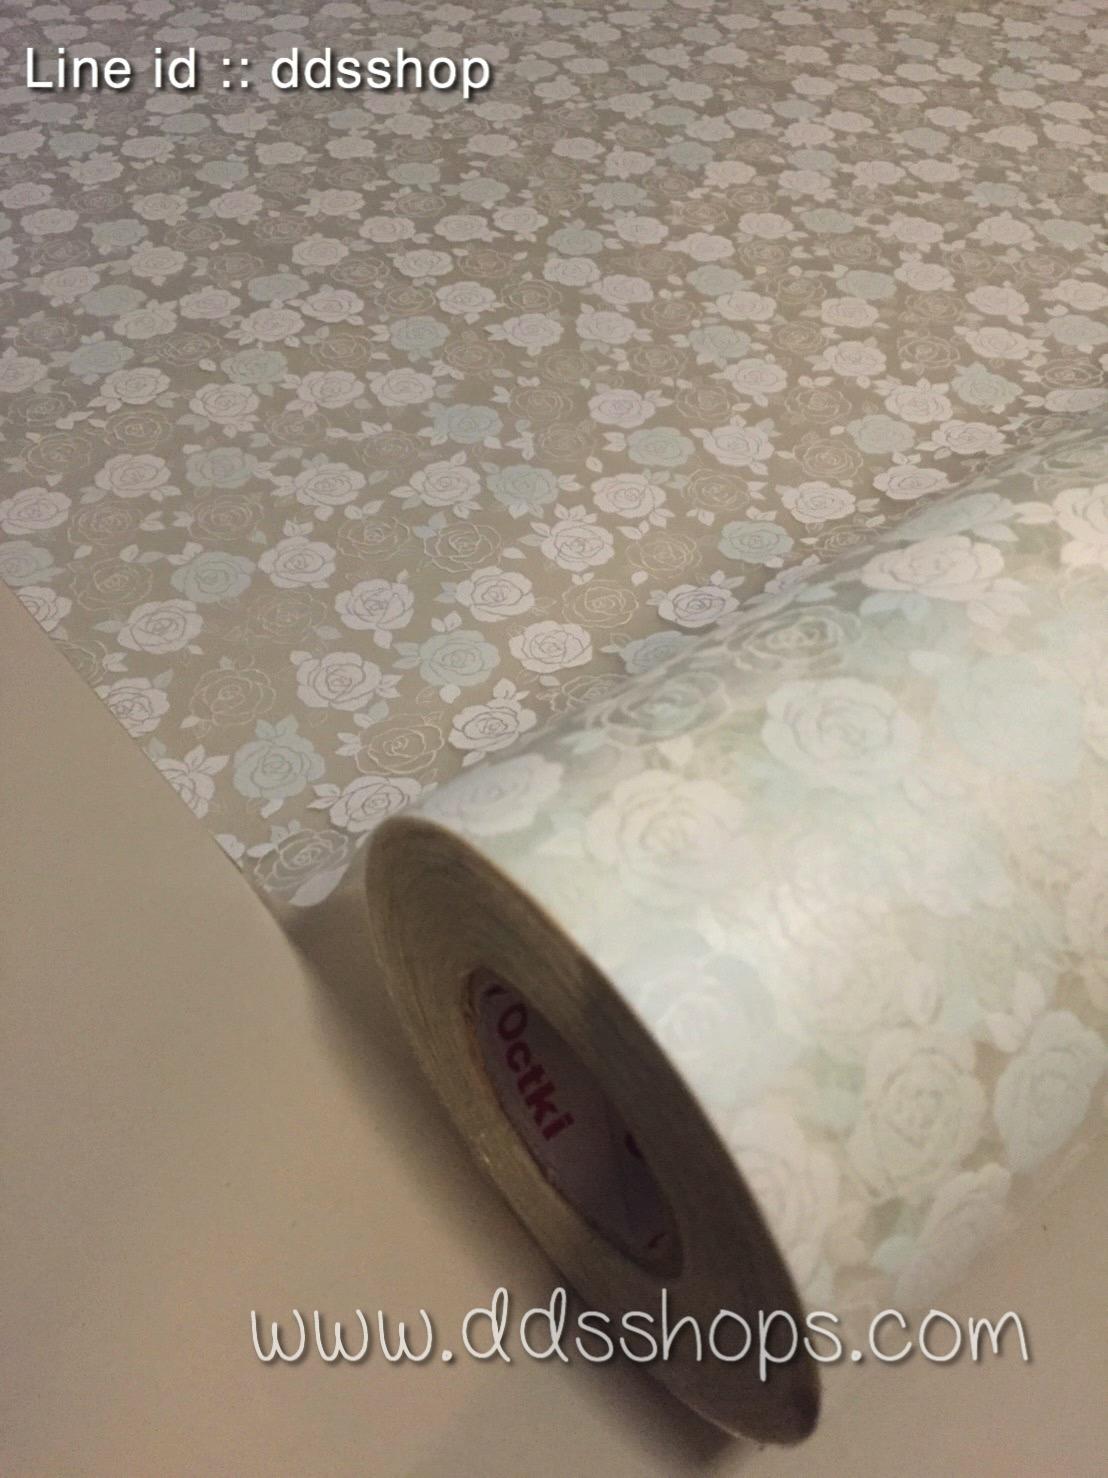 """สติ๊กเกอร์ติดกระจกแบบมีกาวในตัว """"White and Pastel Green Roses"""" ความสูง 90 cm ตัดแบ่งขายเมตรละ 189 บาท (ขั้นต่ำ 3m)"""